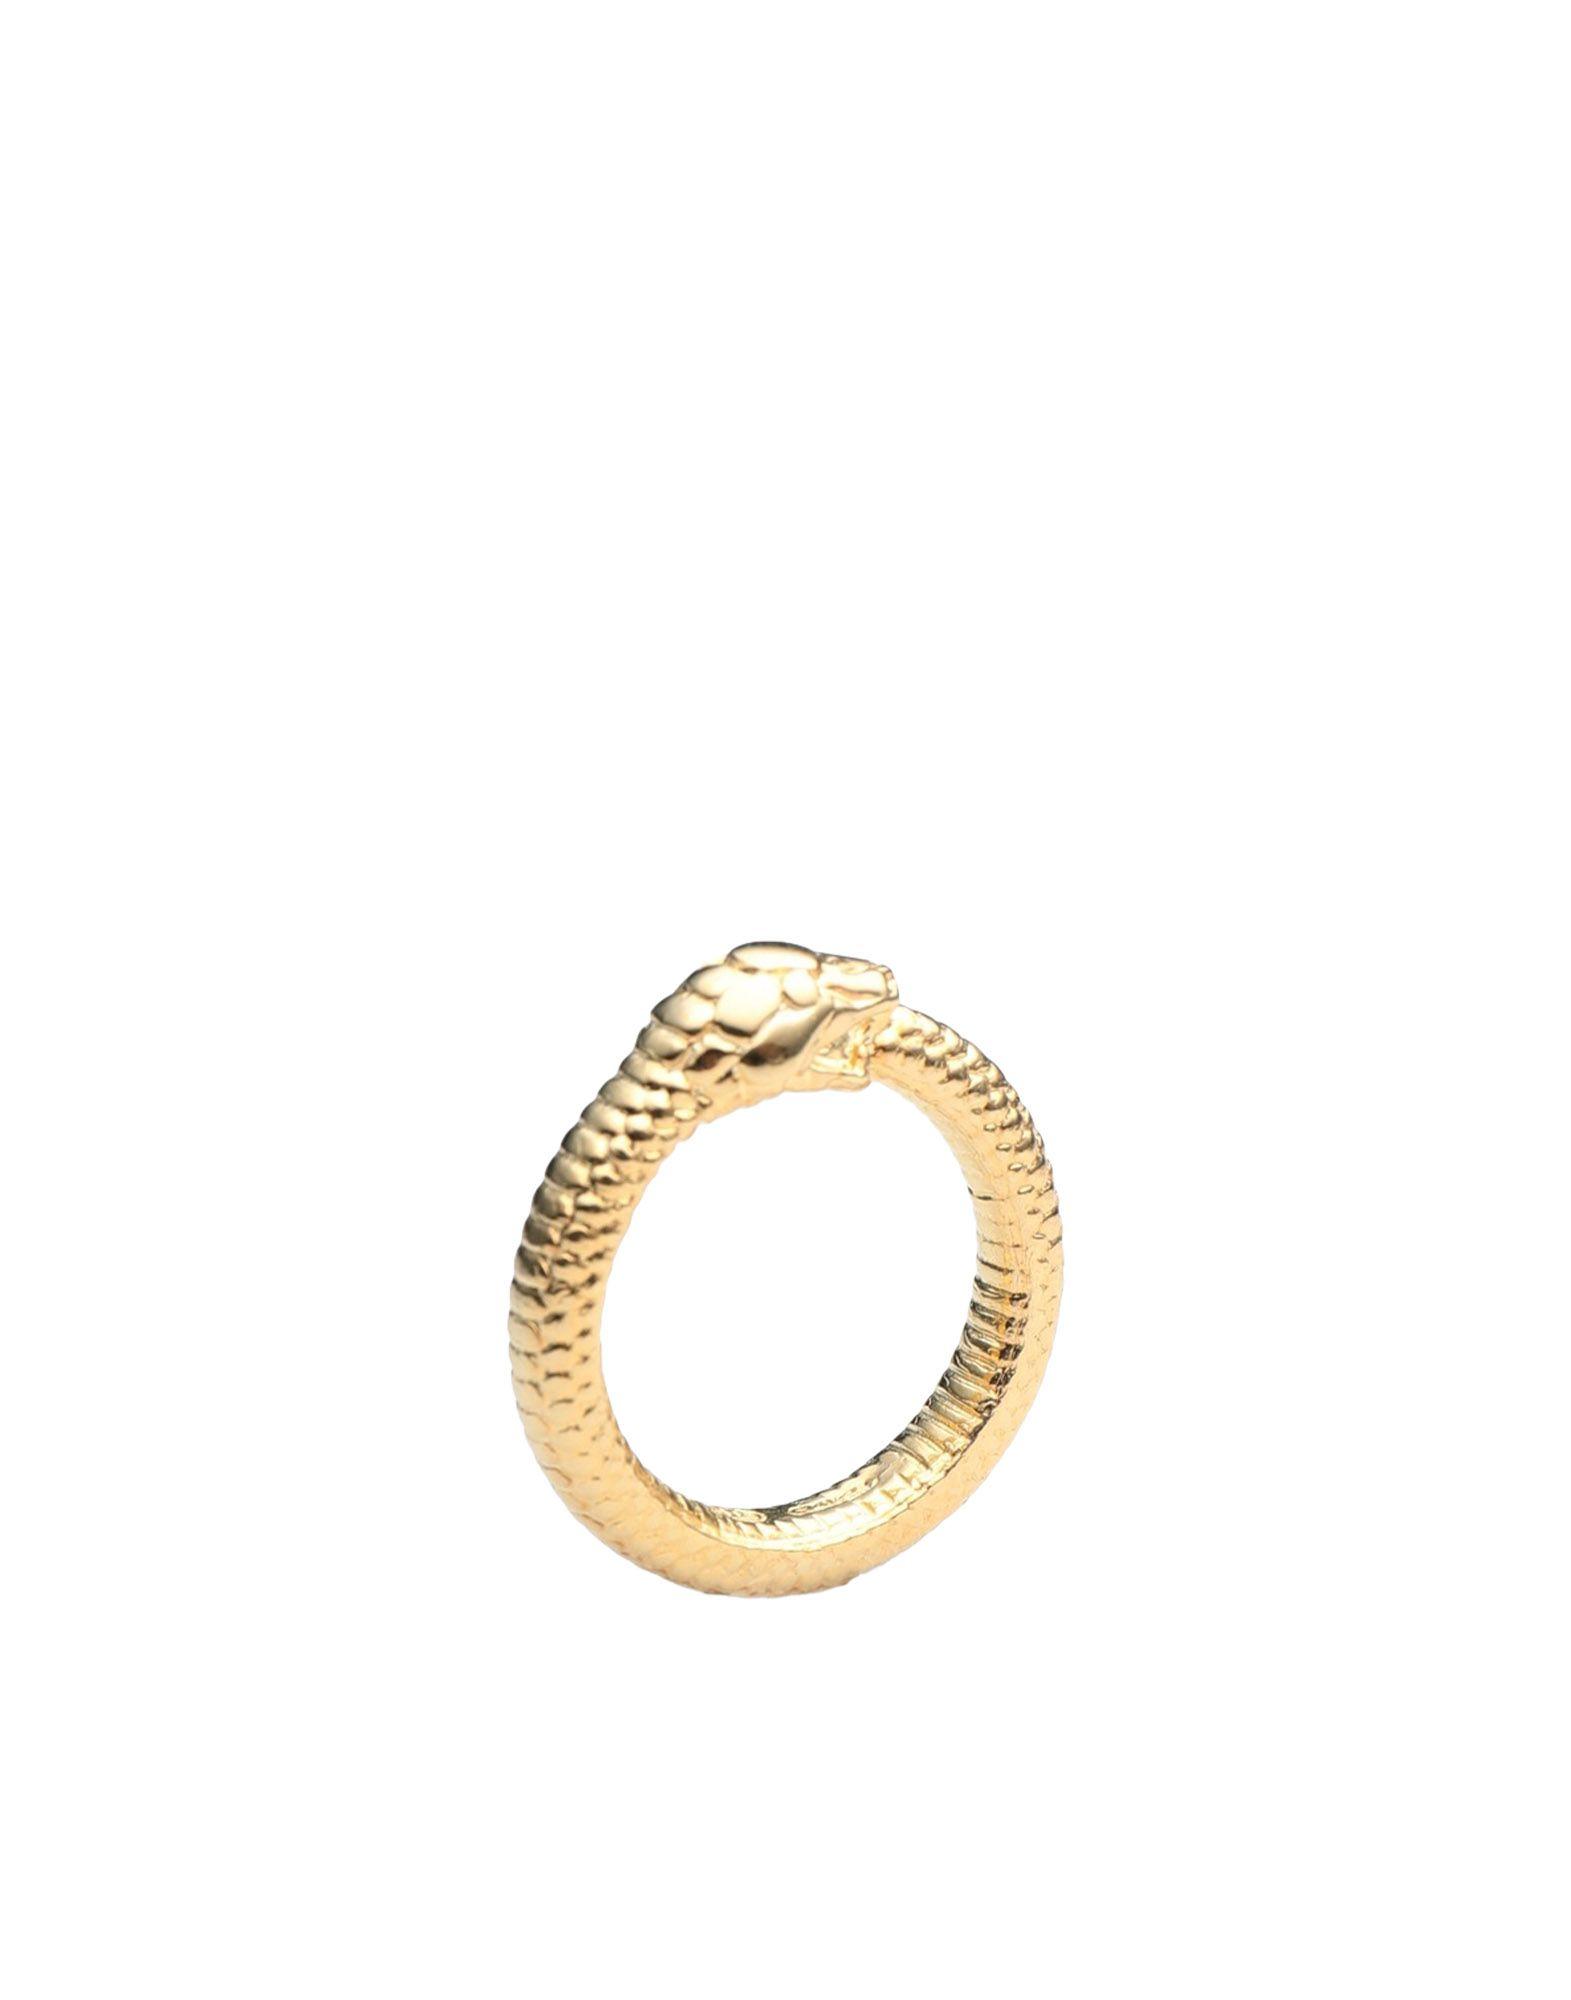 《期間限定 セール開催中》NOVE25 レディース 指輪 ゴールド 11 シルバー925/1000 GOLD PLATED OUROBOROS RING